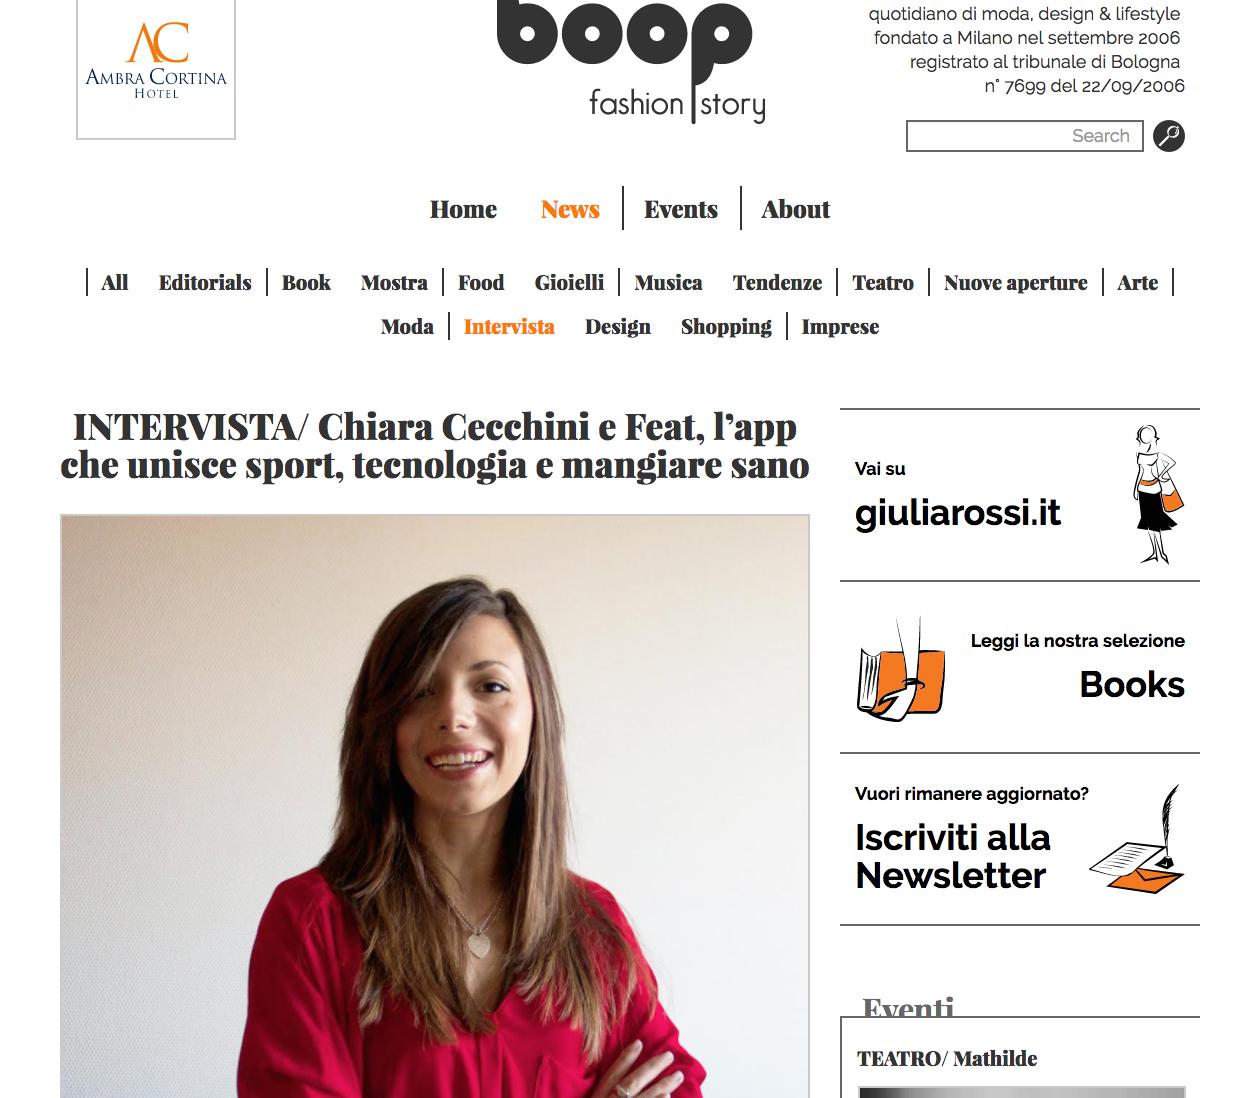 chiara cecchini e feat, l'app che unice sport, tecnologia e mangiare sano - Boop, October 2015